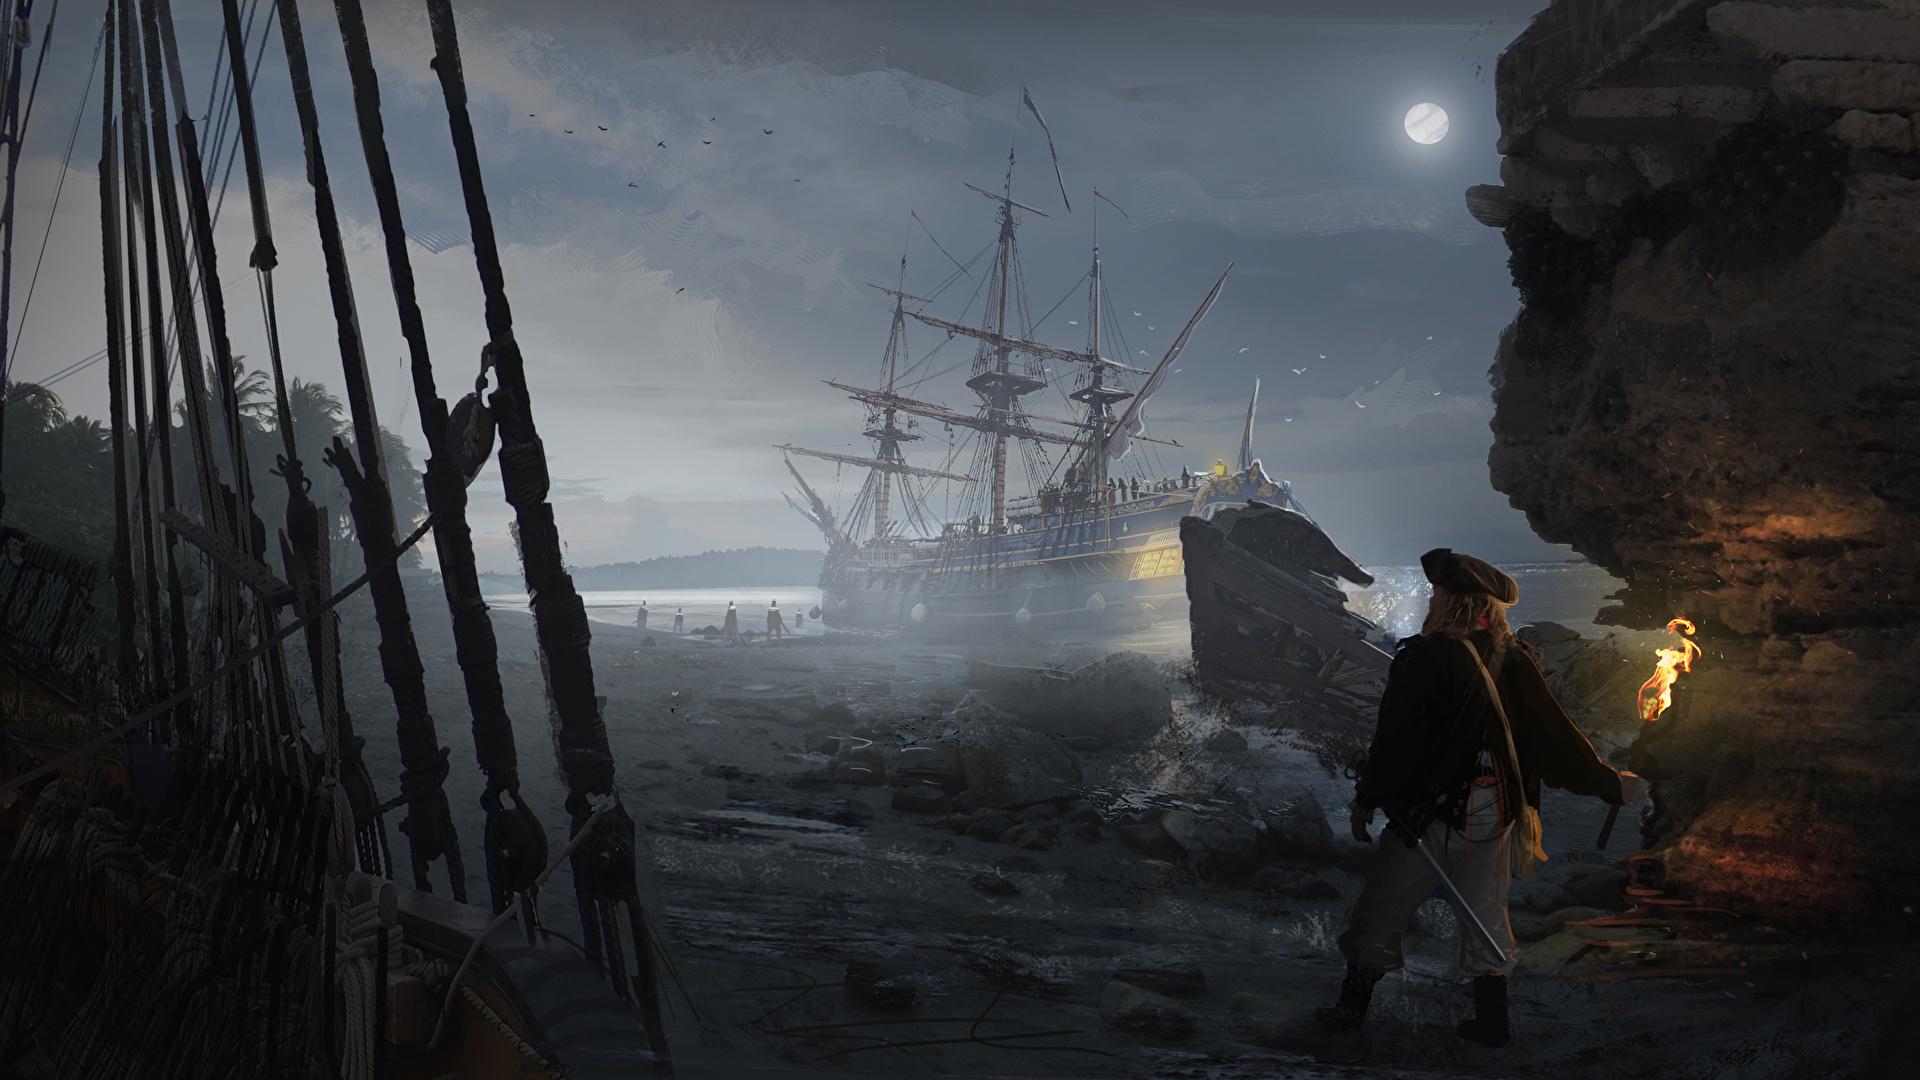 Fonds Decran 1920x1080 Navire Pirates Homme A Voile Nuit